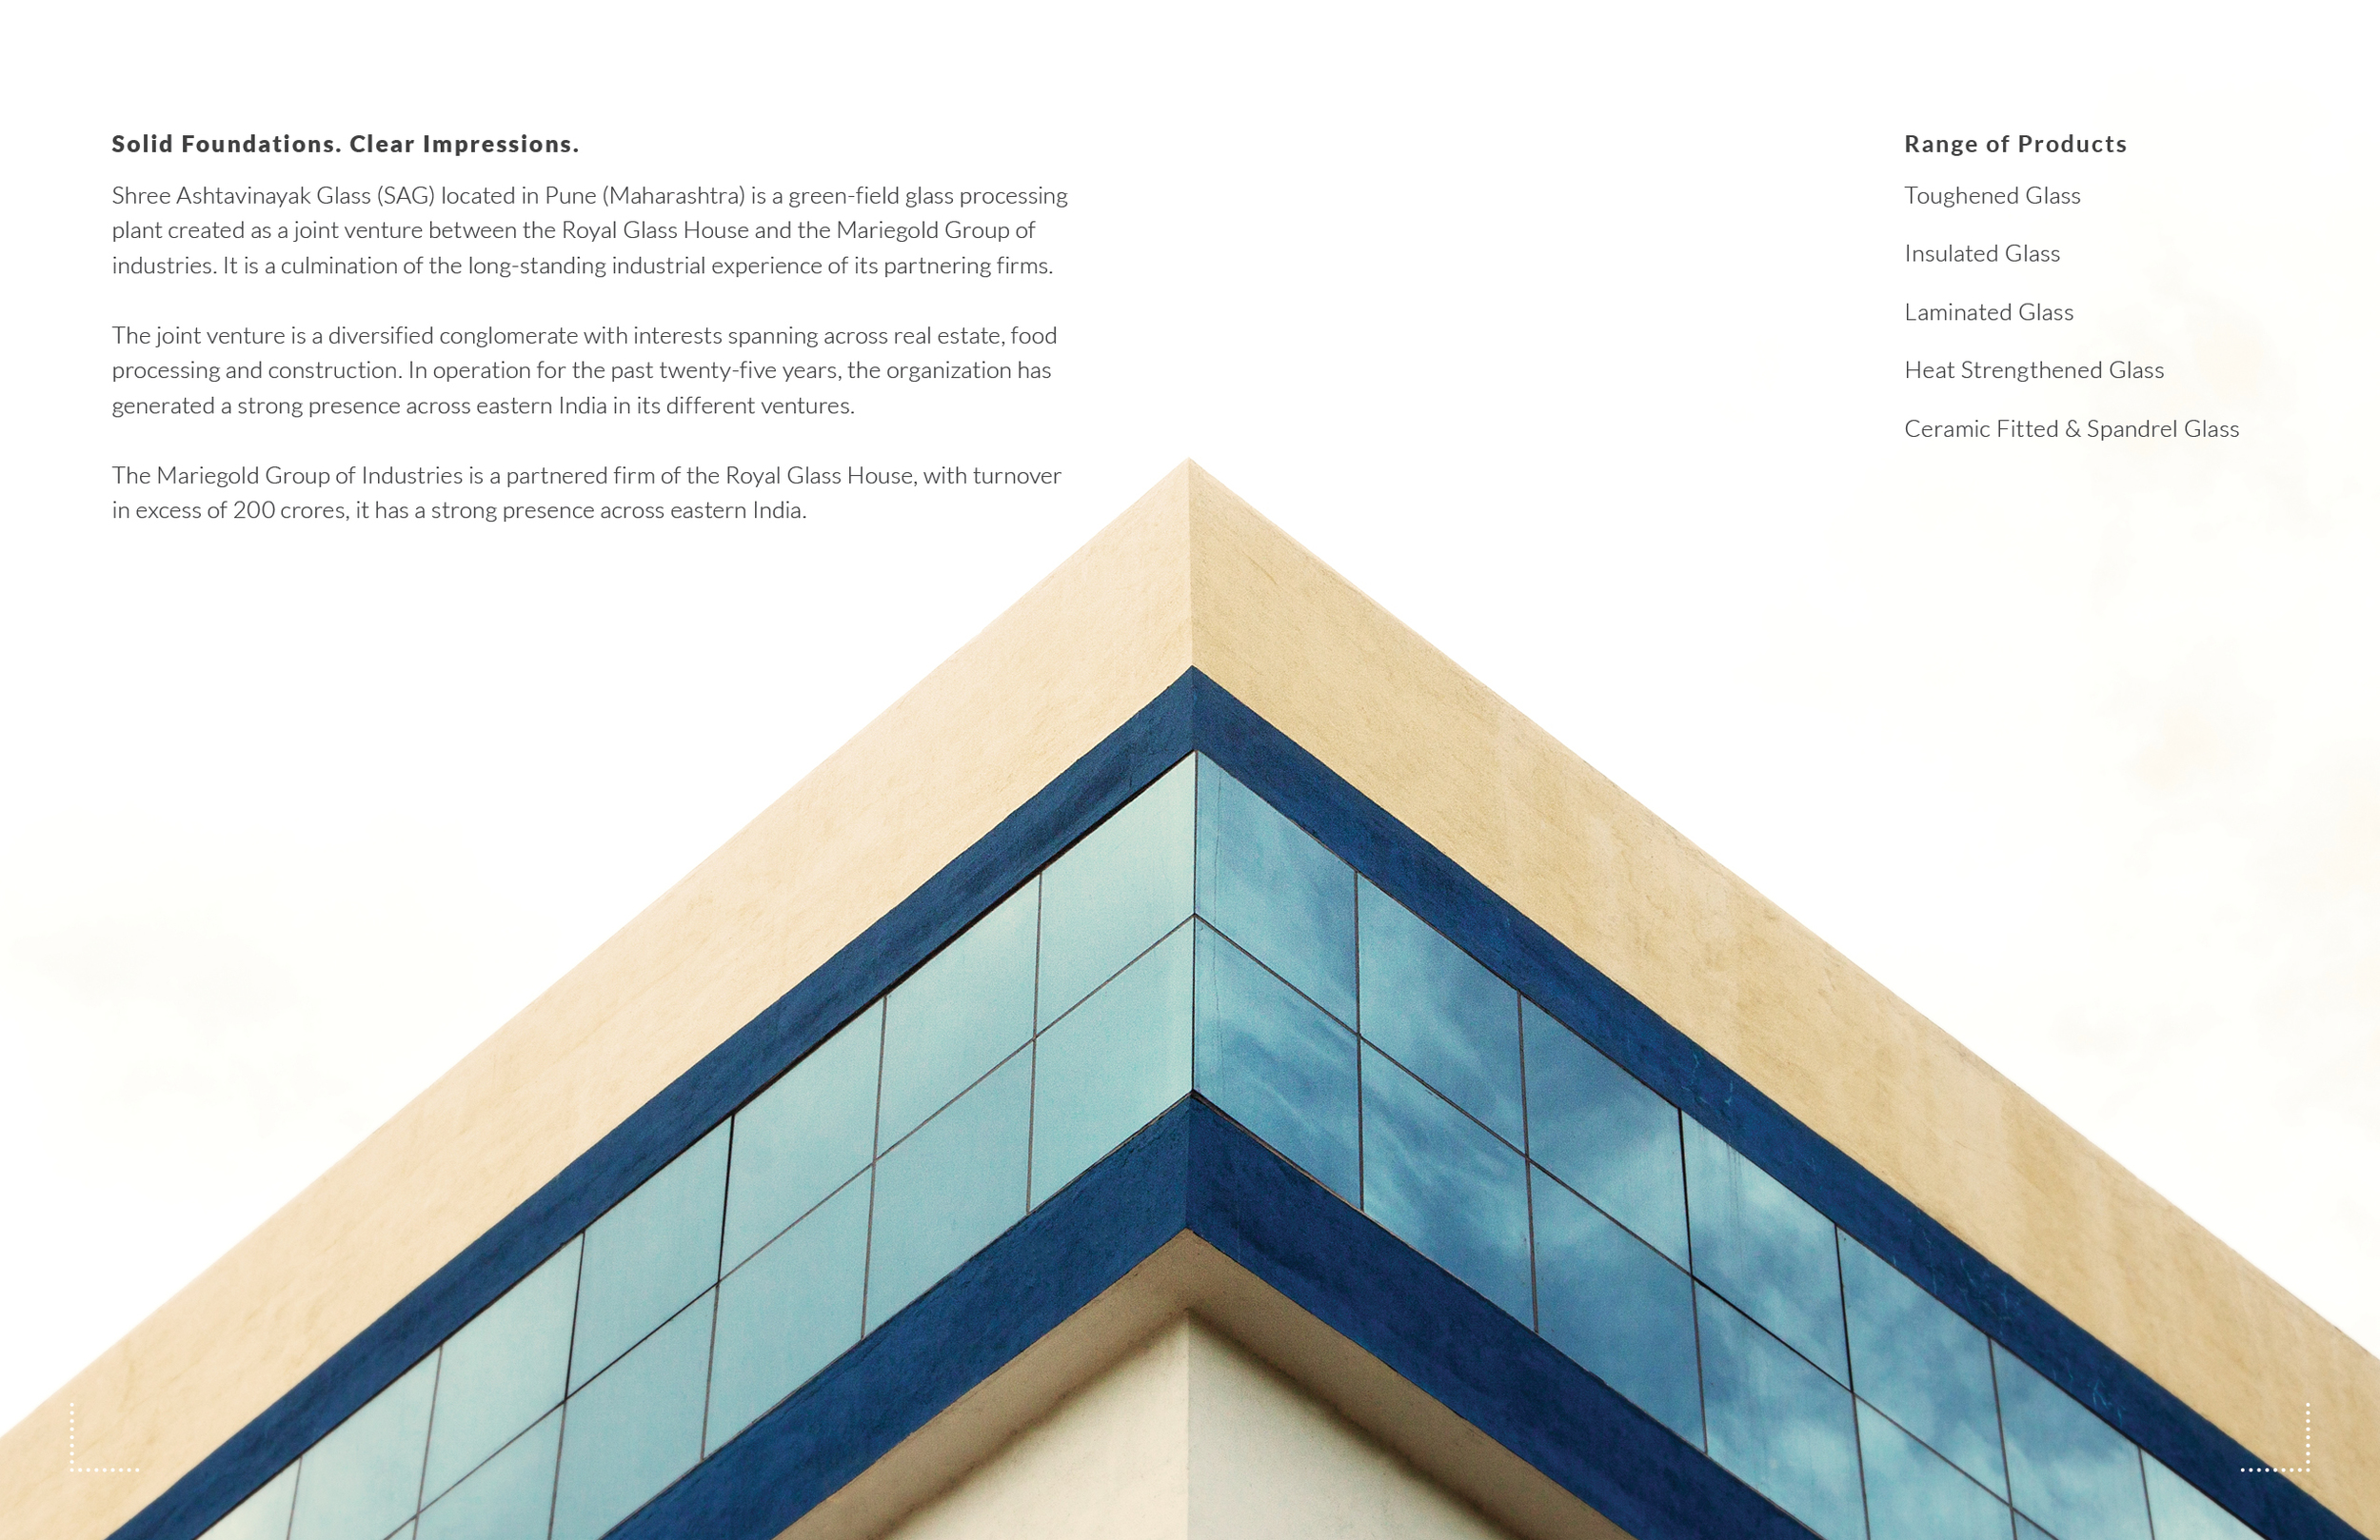 SAGlass Brochure - FINAL - 060520163.jpg